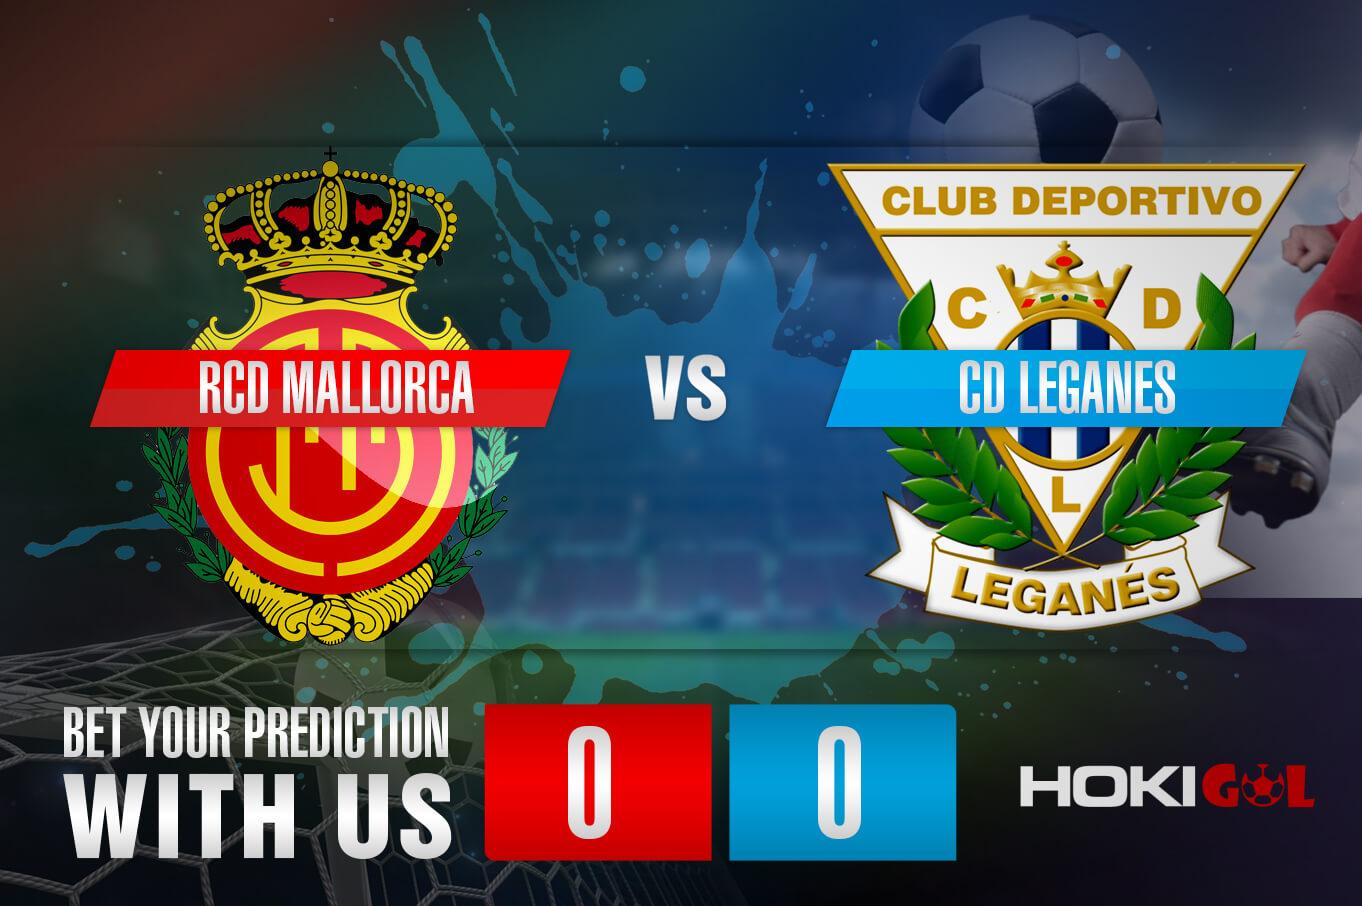 Prediksi Bola RCD Mallorca Vs CD Leganes 2 April 2021